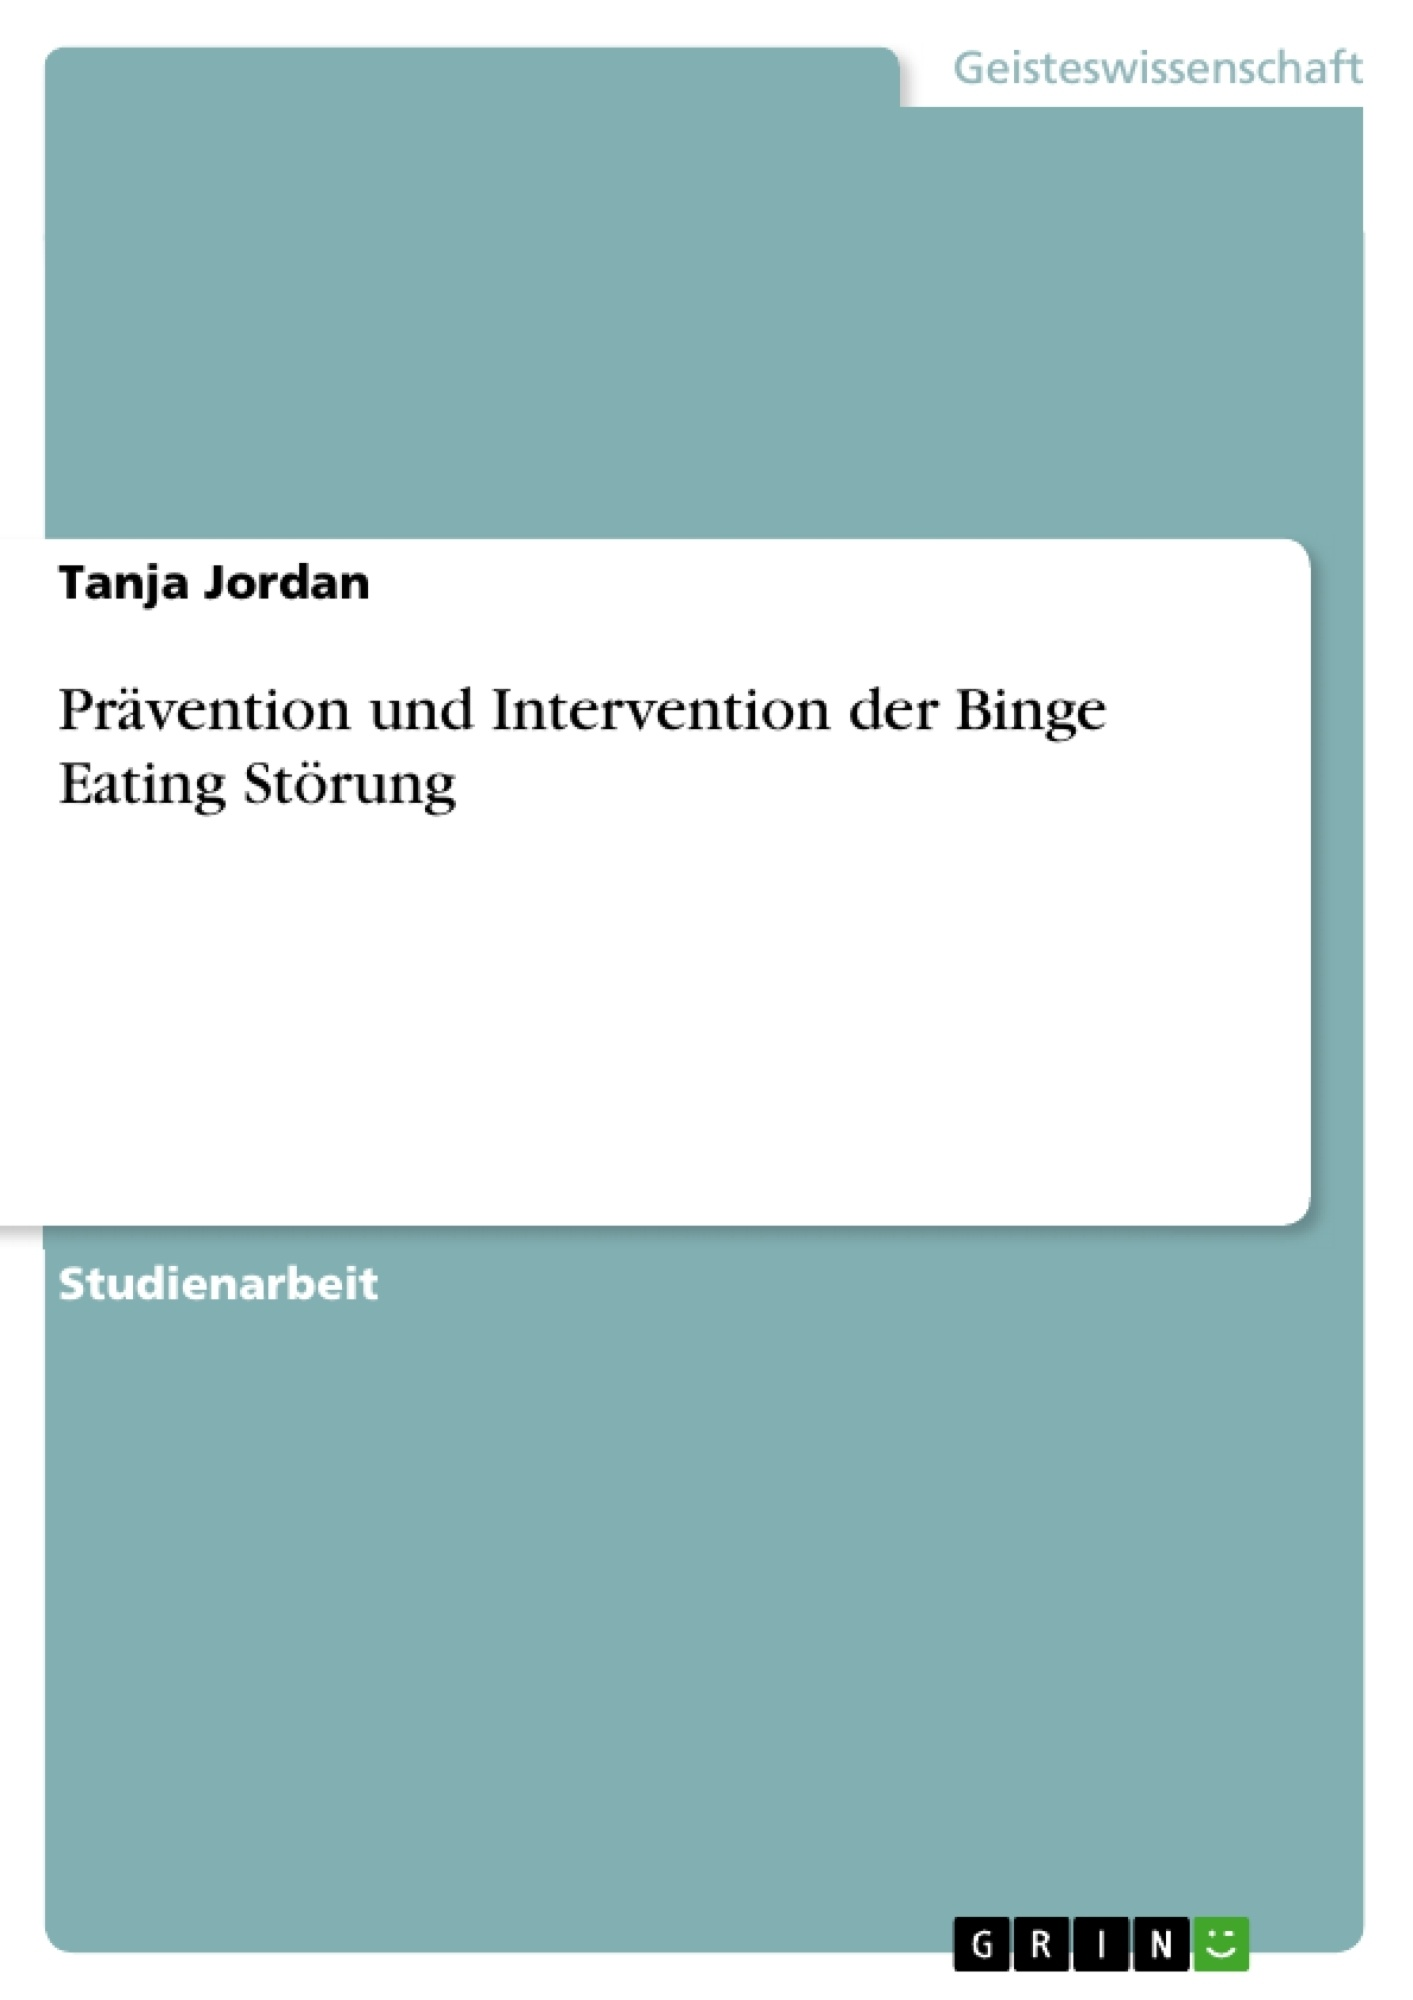 Titel: Prävention und Intervention der Binge Eating Störung.pdf